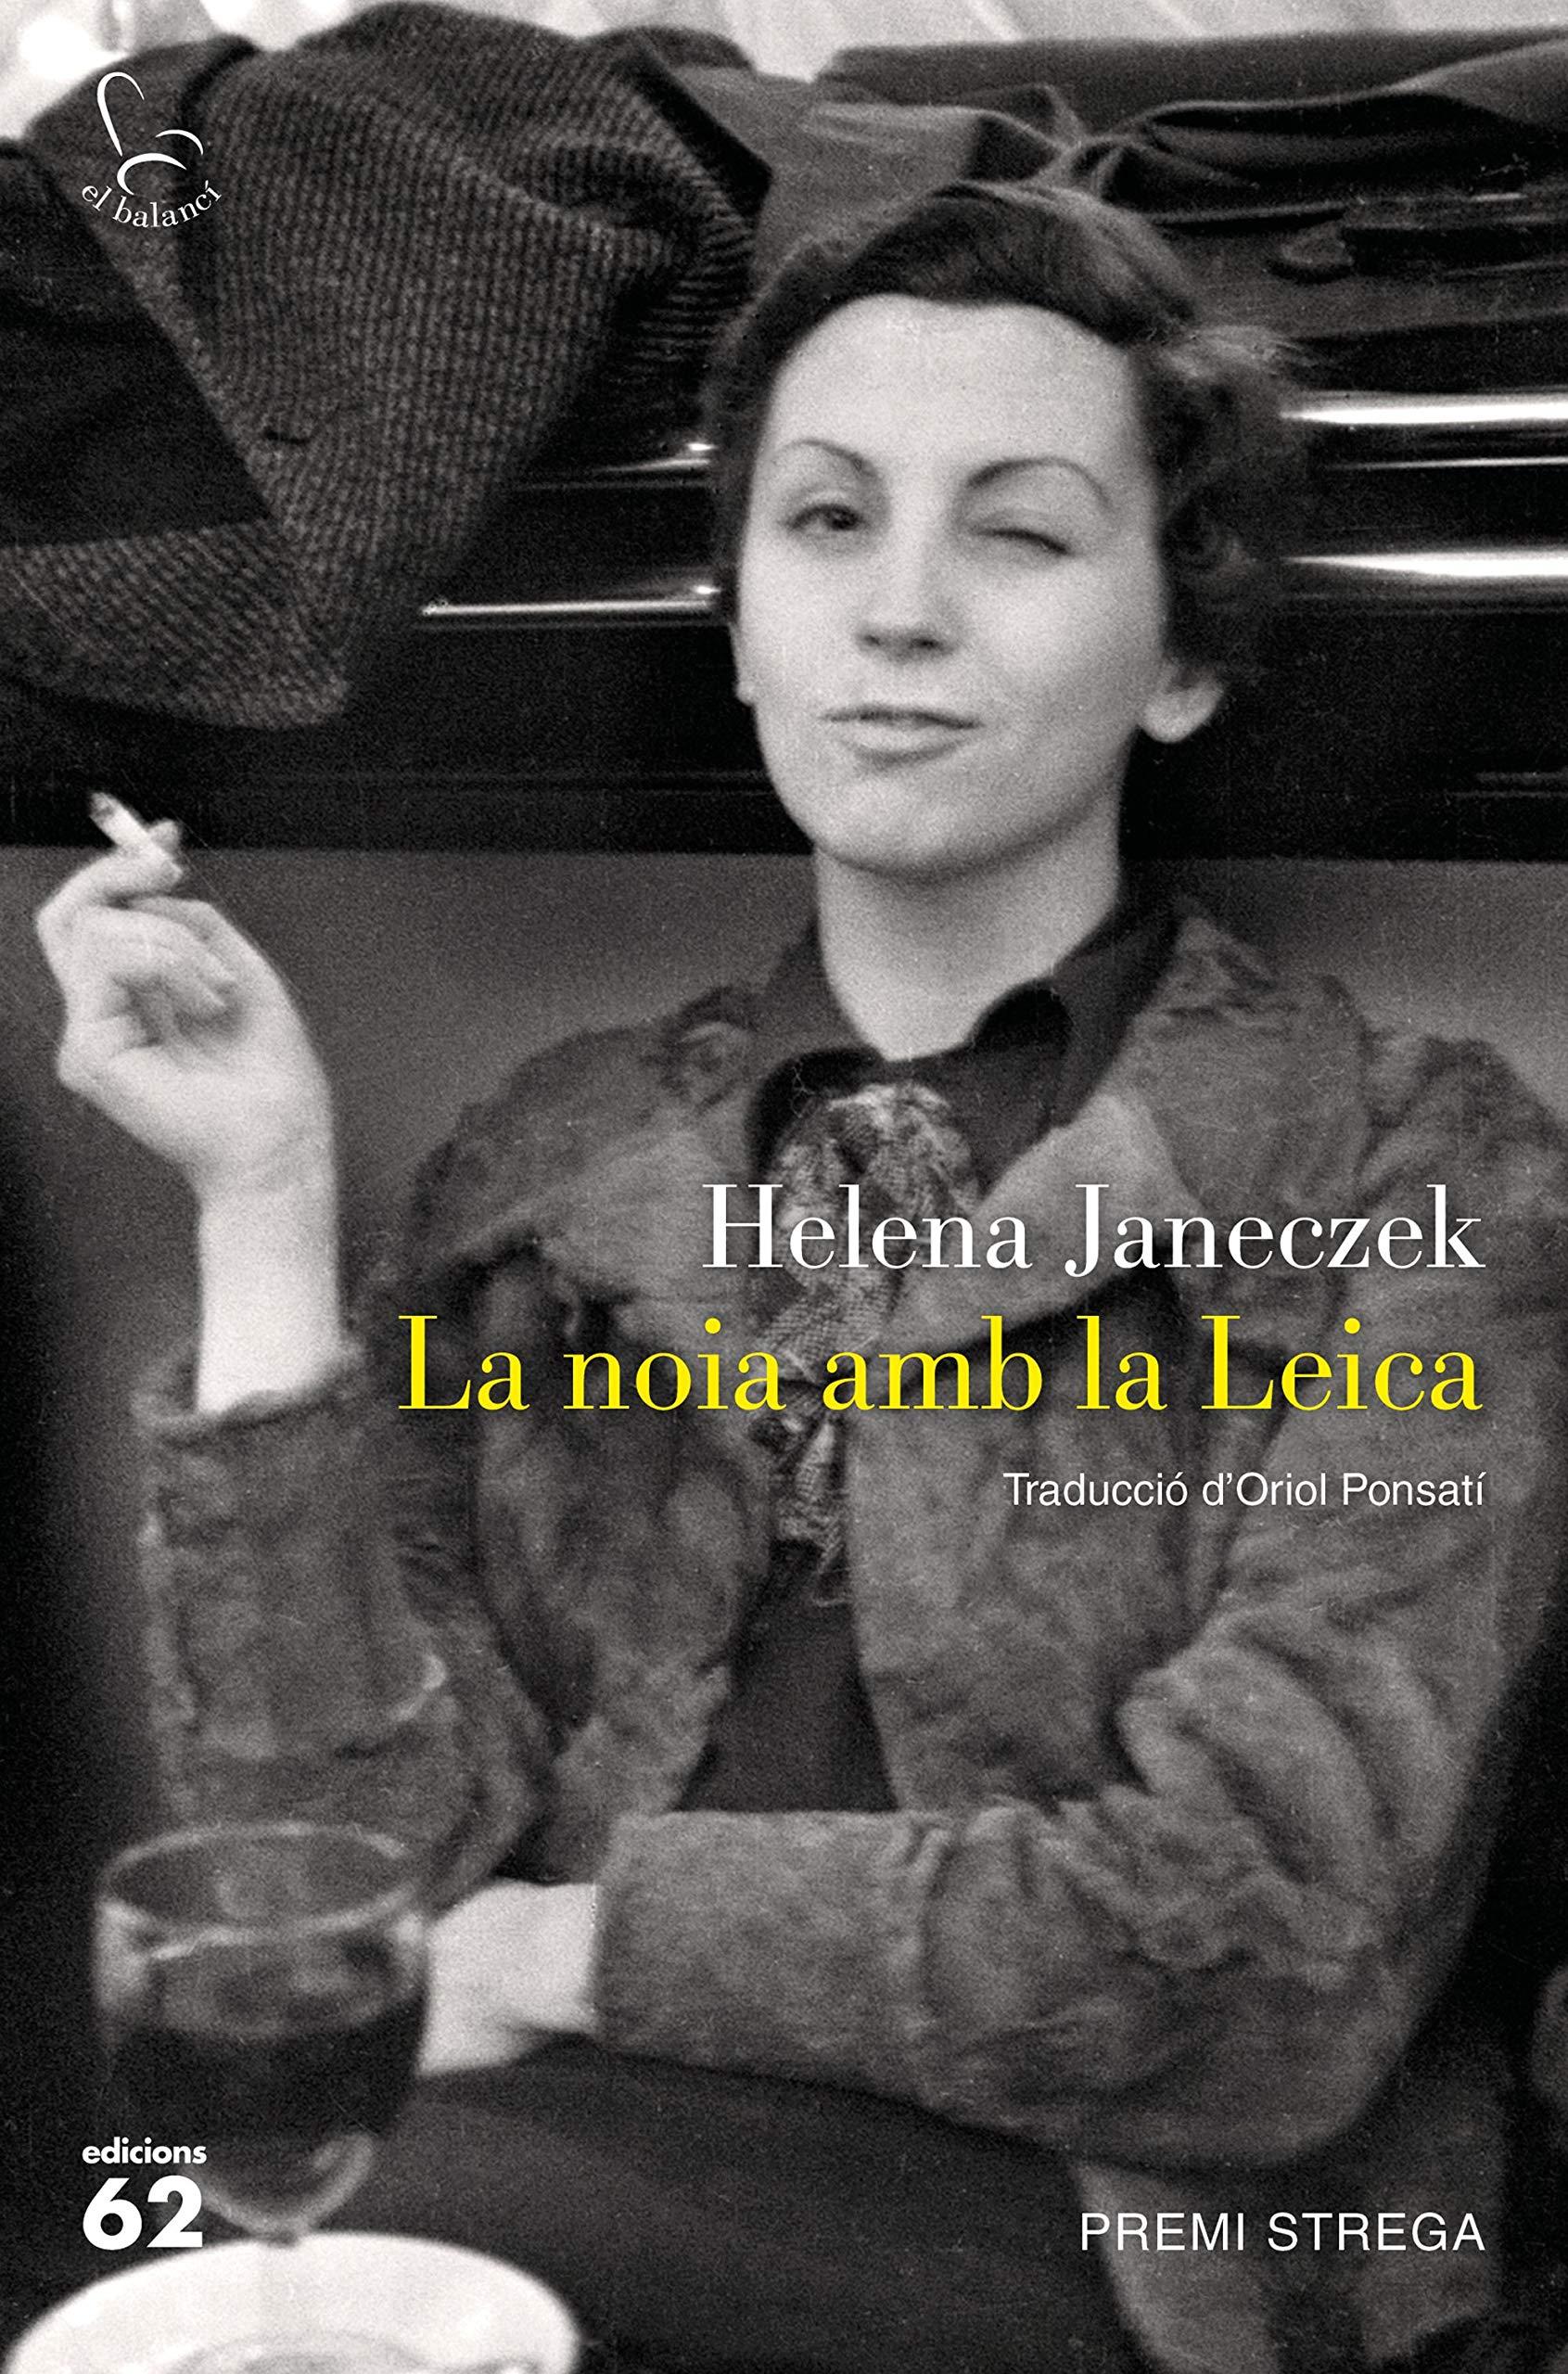 La noia amb la Leica: Traducció d'Oriol Ponsatí (El Balancí)